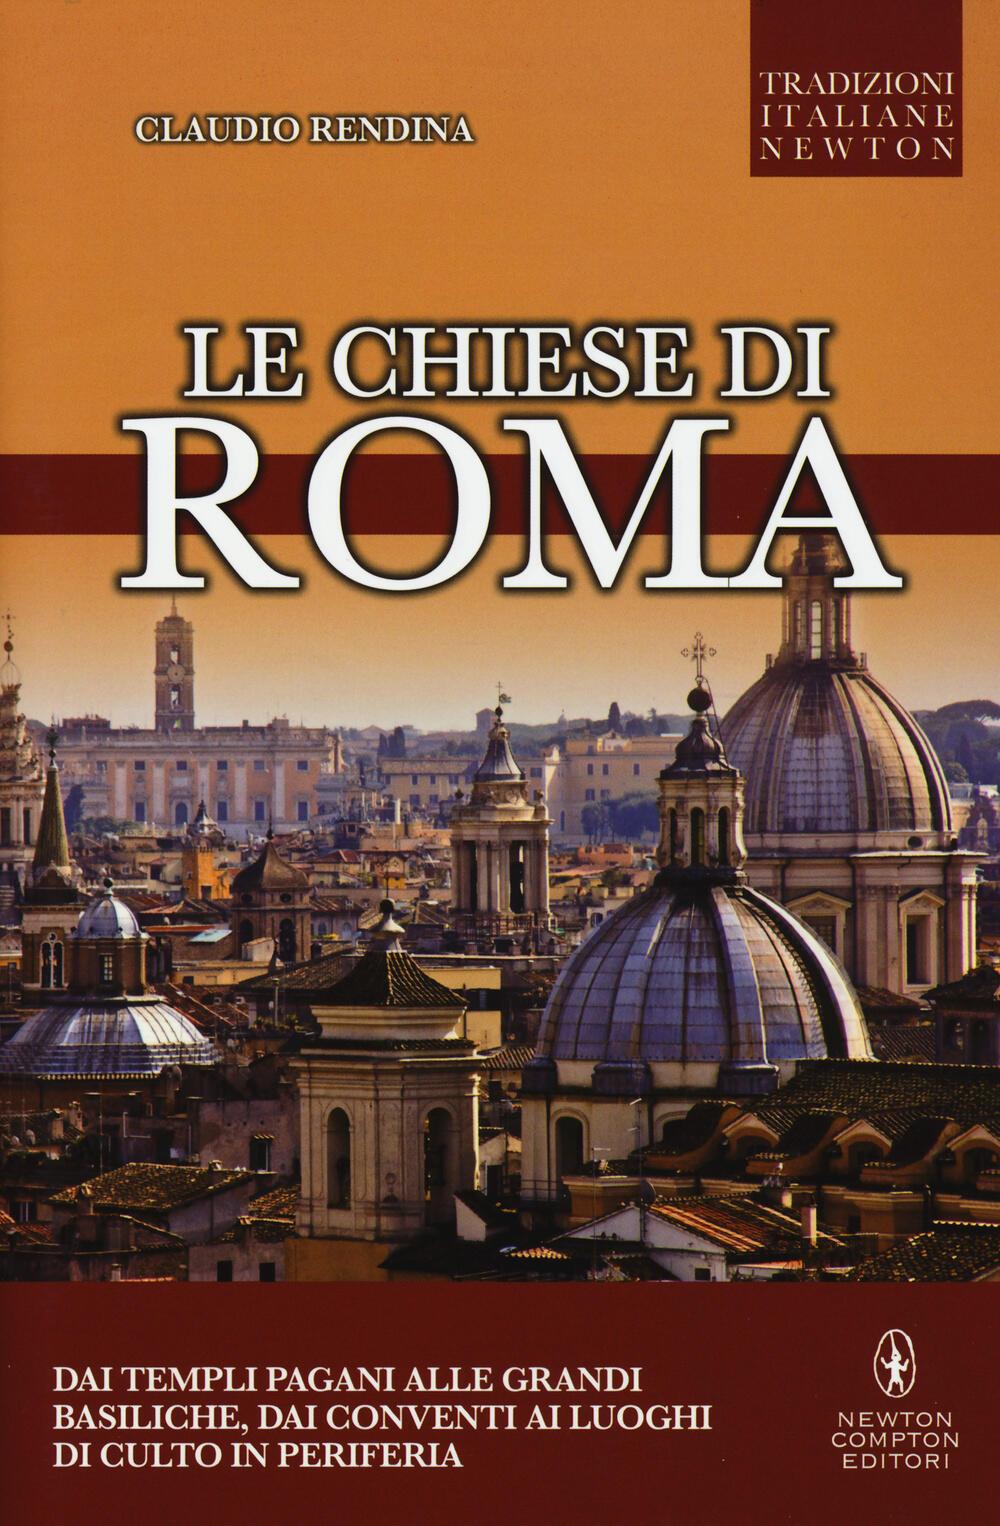 Le chiese di roma claudio rendina libro newton for Tradizioni di roma